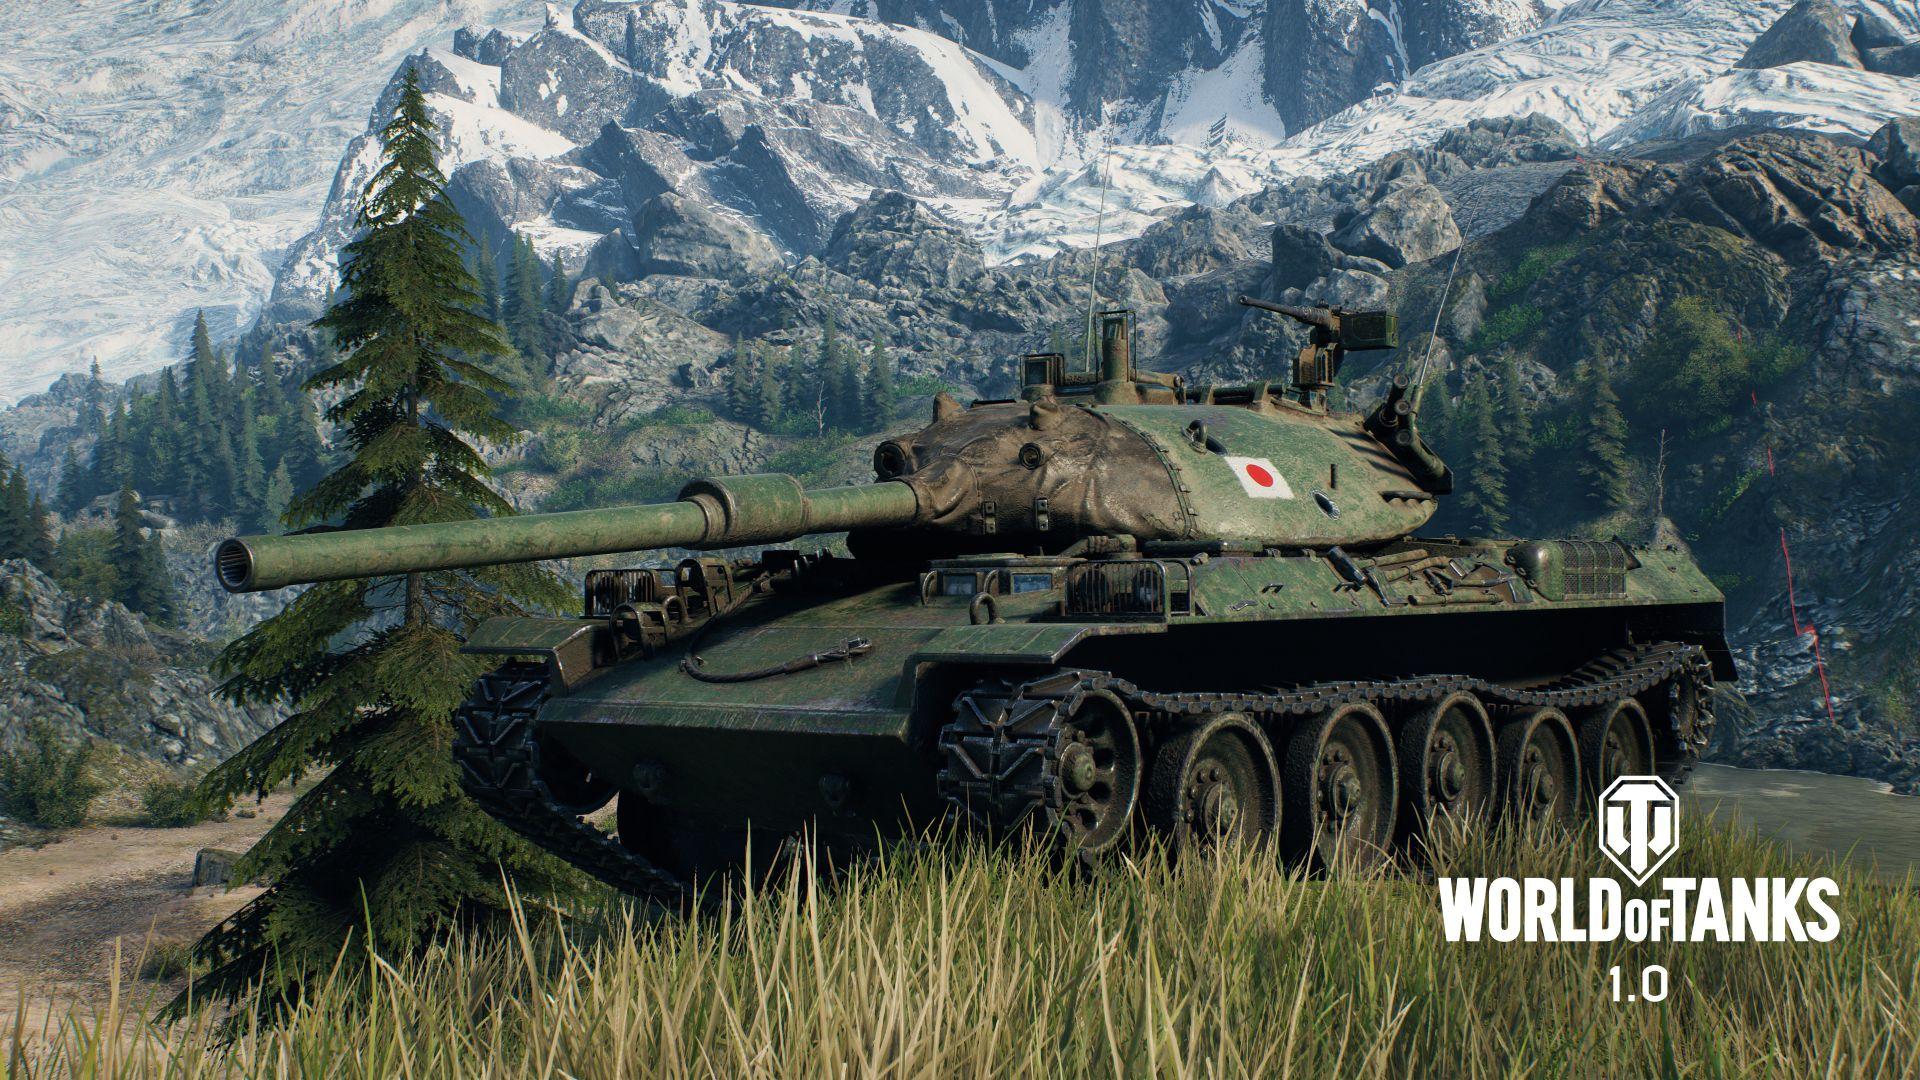 World of Tanks sieht 2018 mit 1.0 toll aus! Lohnt es sich ...